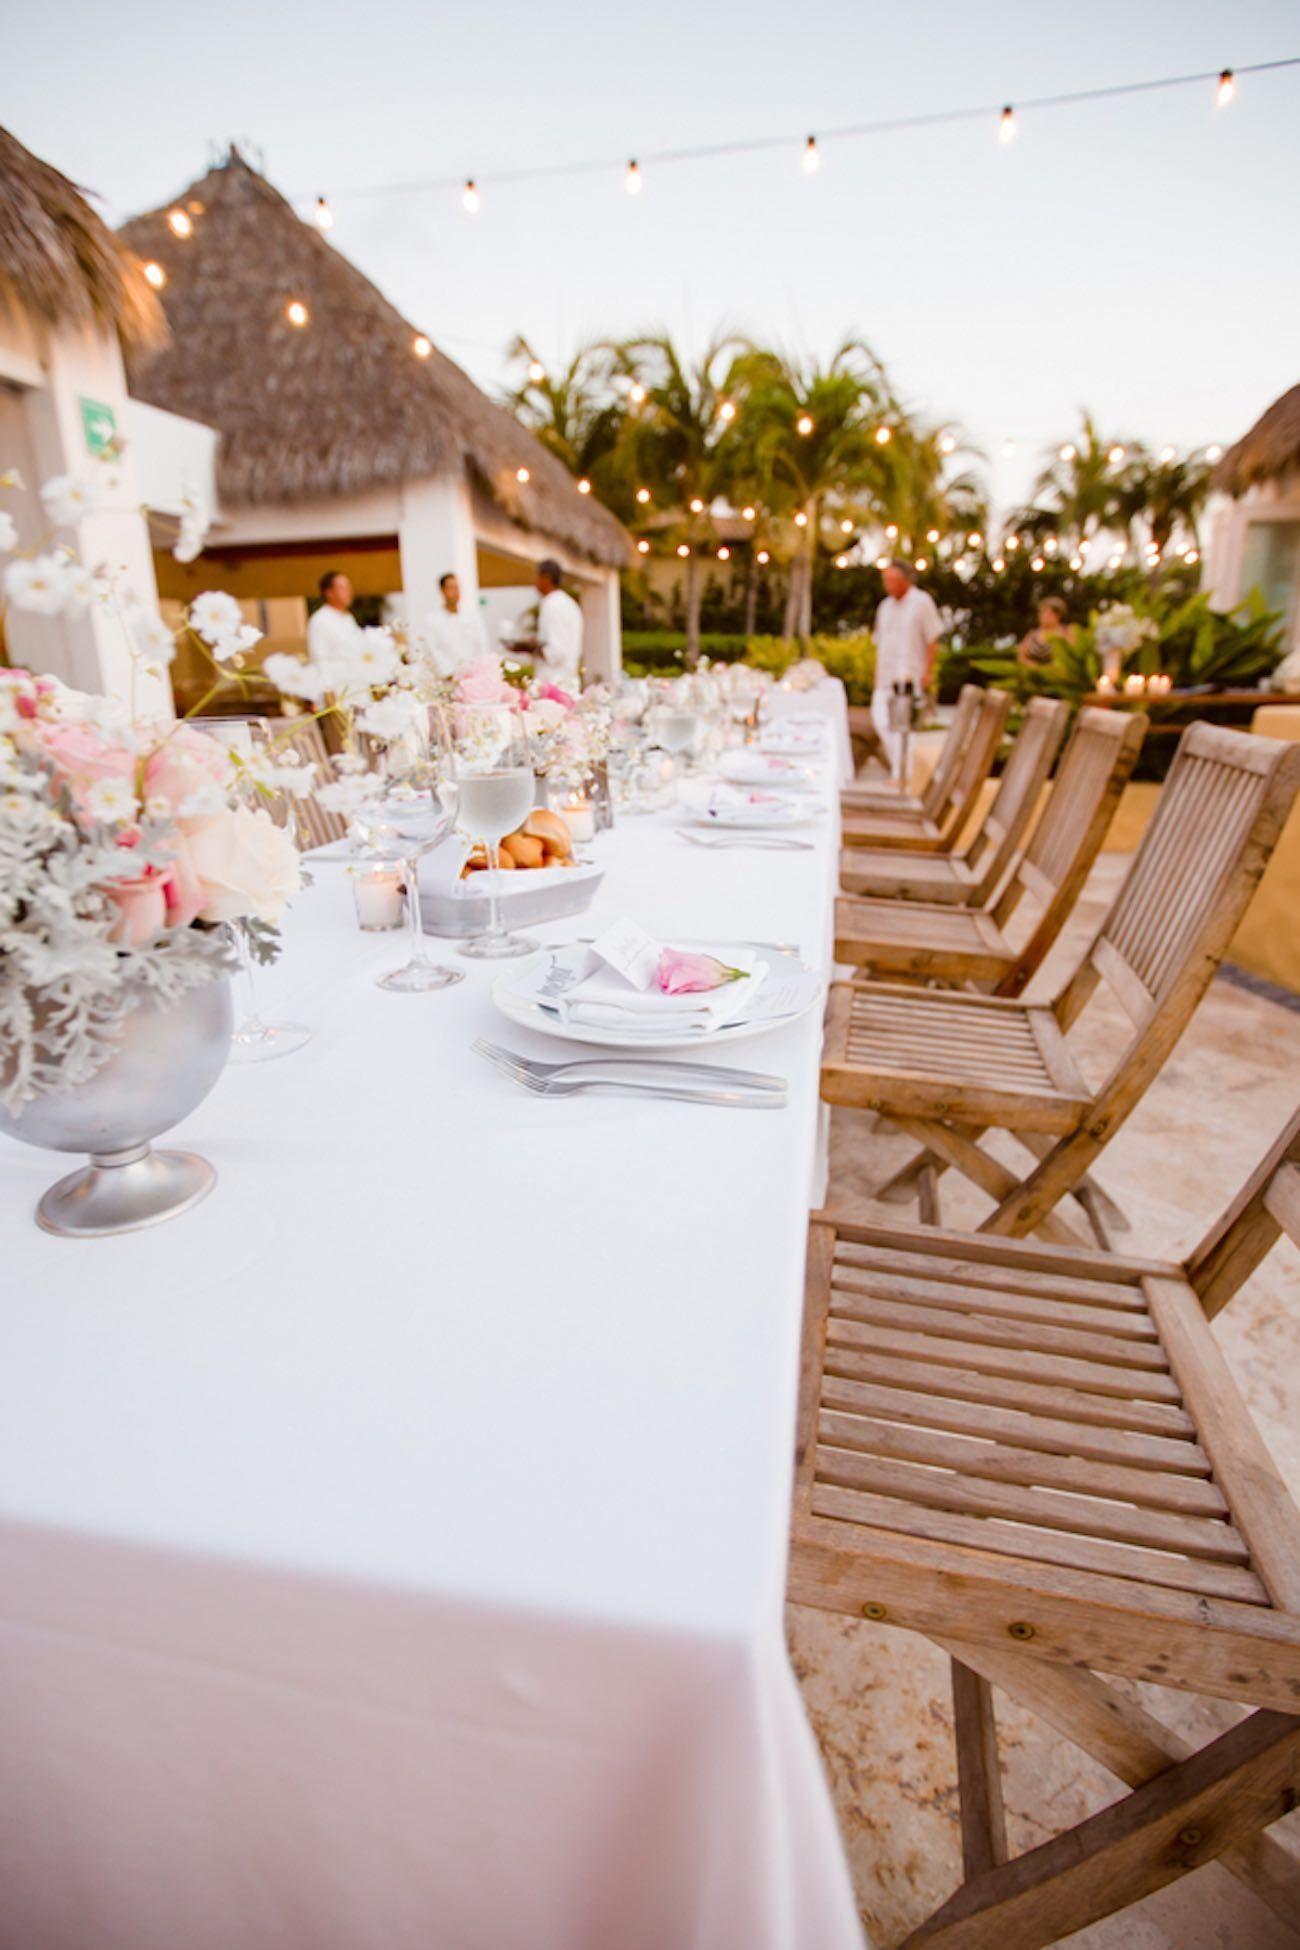 Diy Beach Wedding Reception Decoration Ideas Decorations You Ll